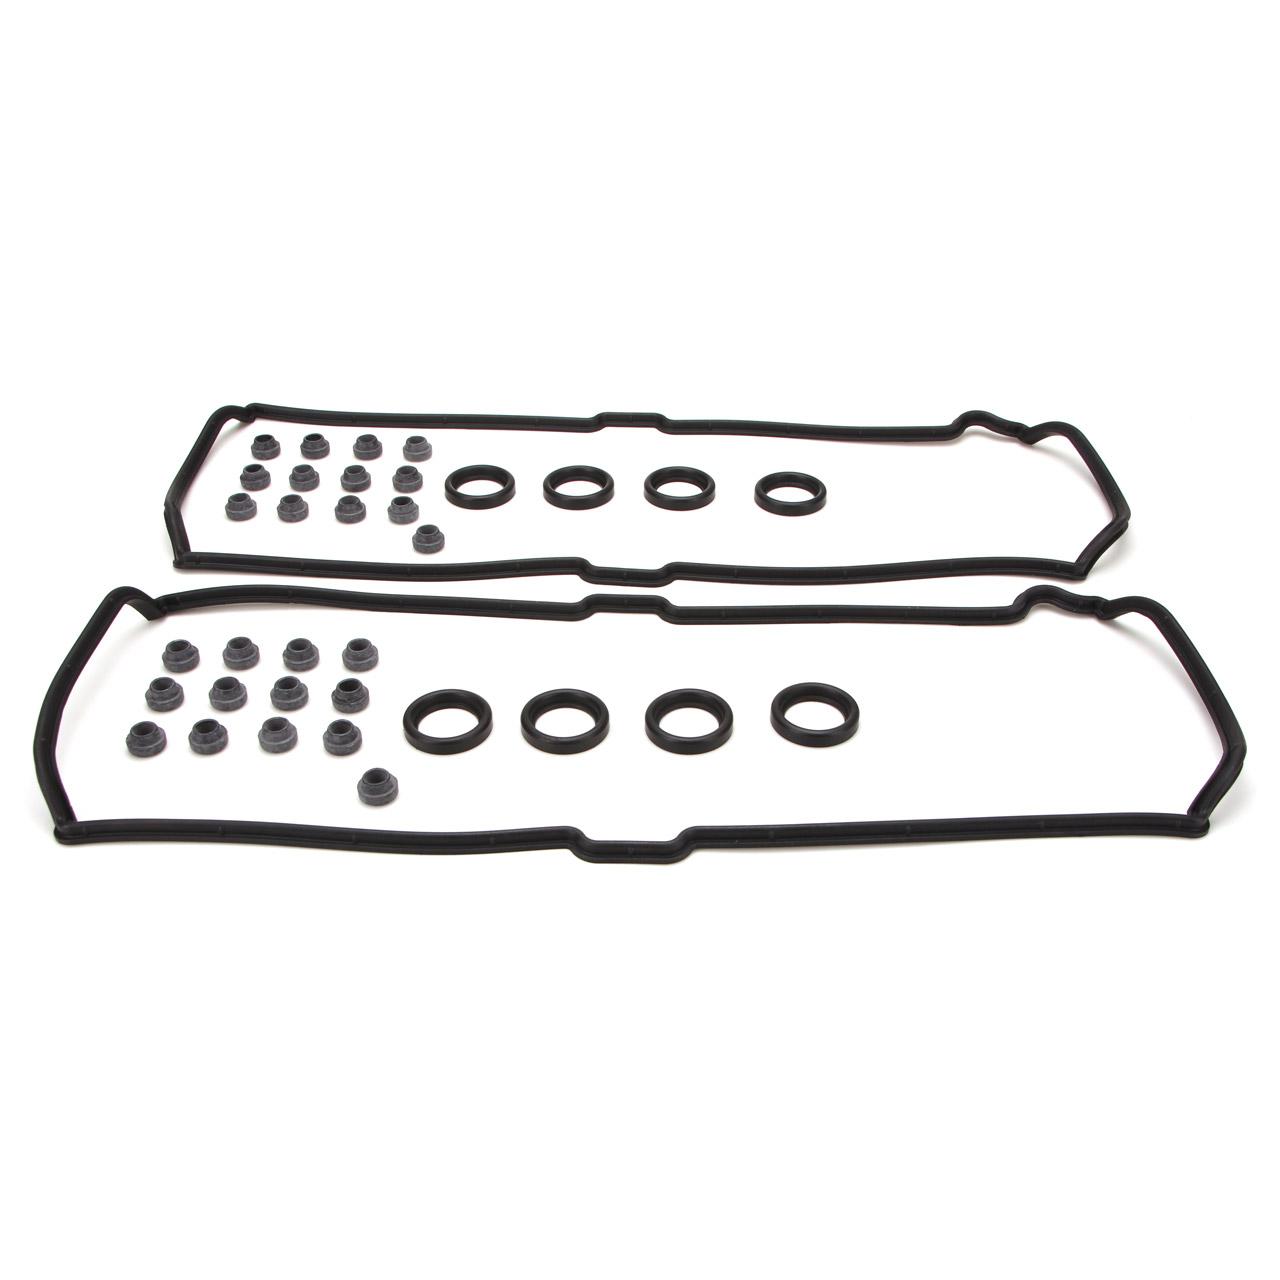 2x Ventildeckeldichtung + Dichtring + Druckring PORSCHE 928 S / GT 944 S / S2 968